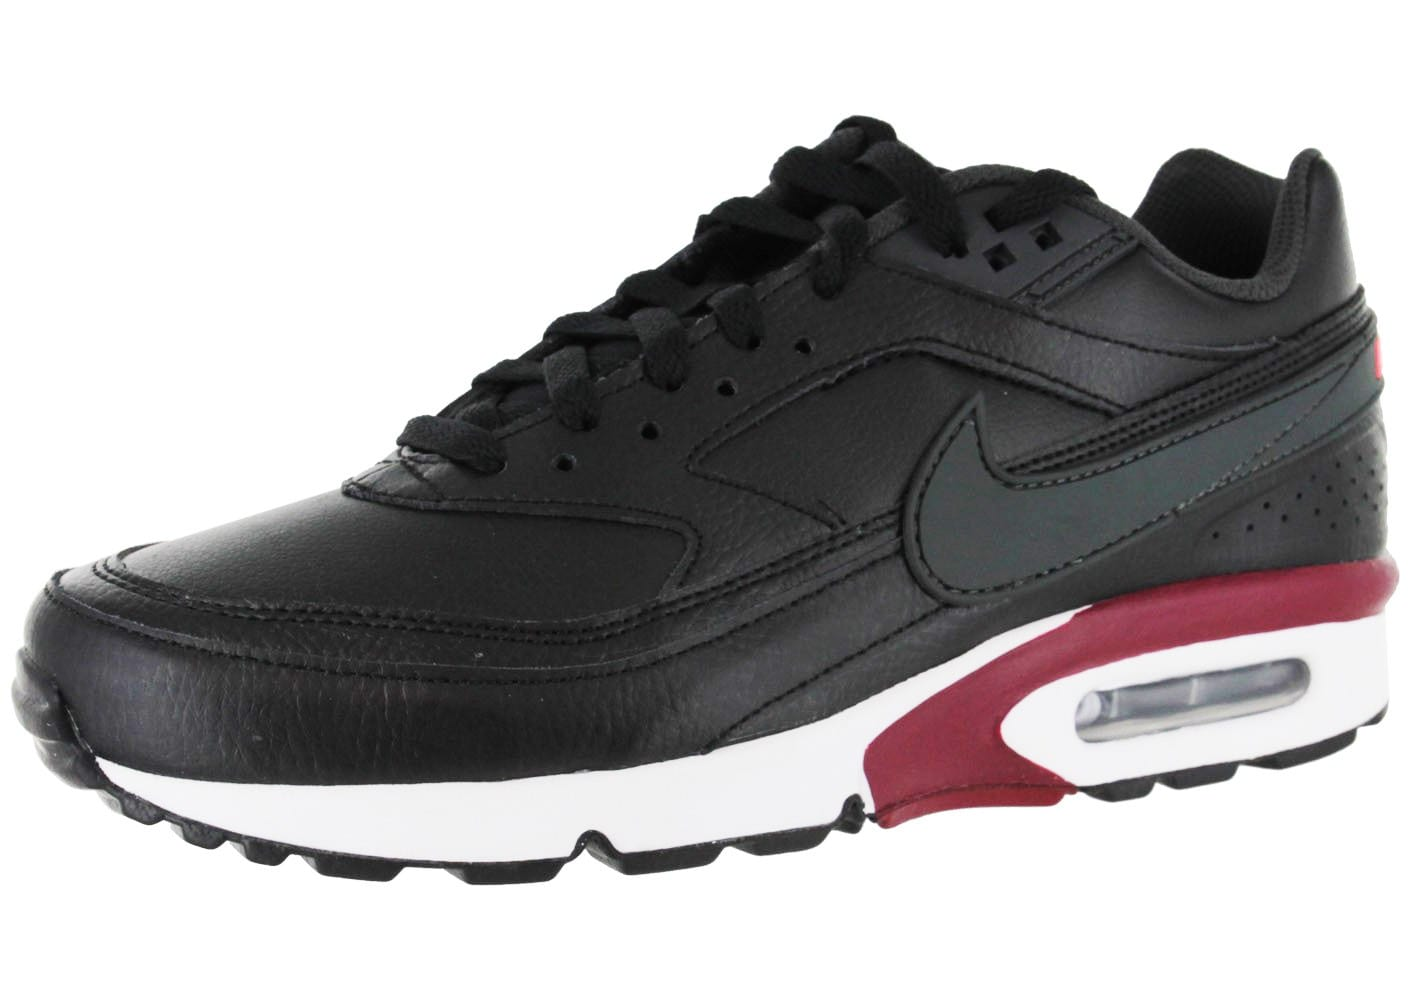 air max bw noir cuir,Cliquez pour zoomer Chaussures Nike Air